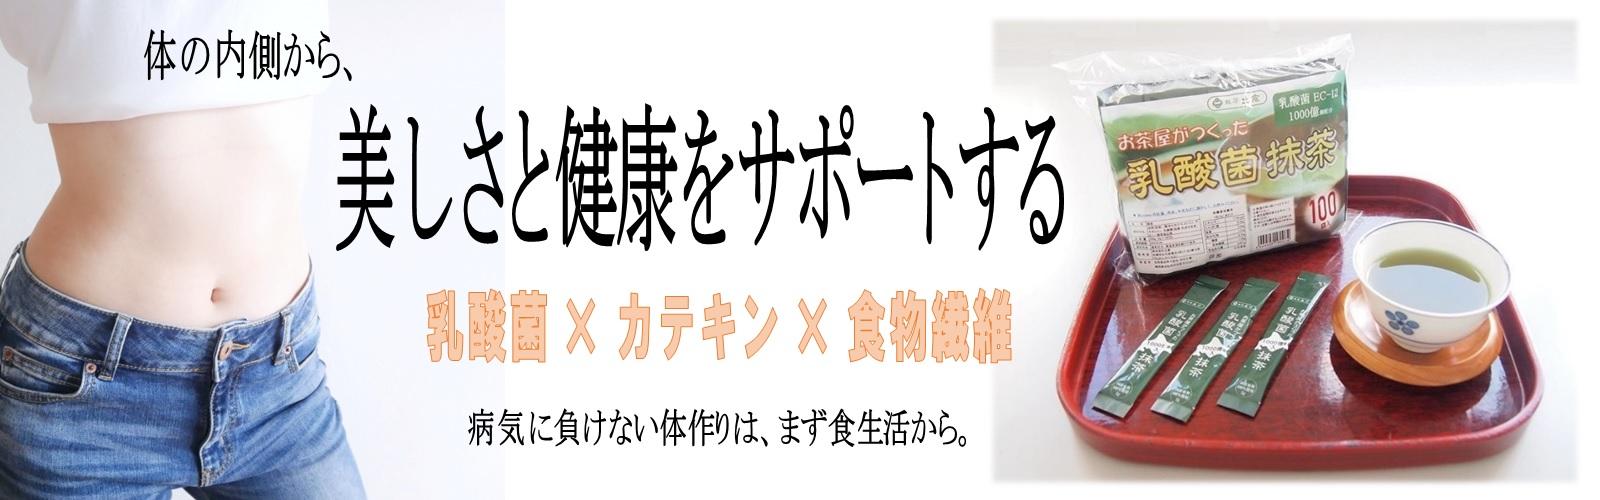 体の内側から、美しさと健康をサポートする「土倉 お茶屋がつくった乳酸菌抹茶」乳酸菌×カテキン×食物繊維 病気に負けない体づくりは食生活から。